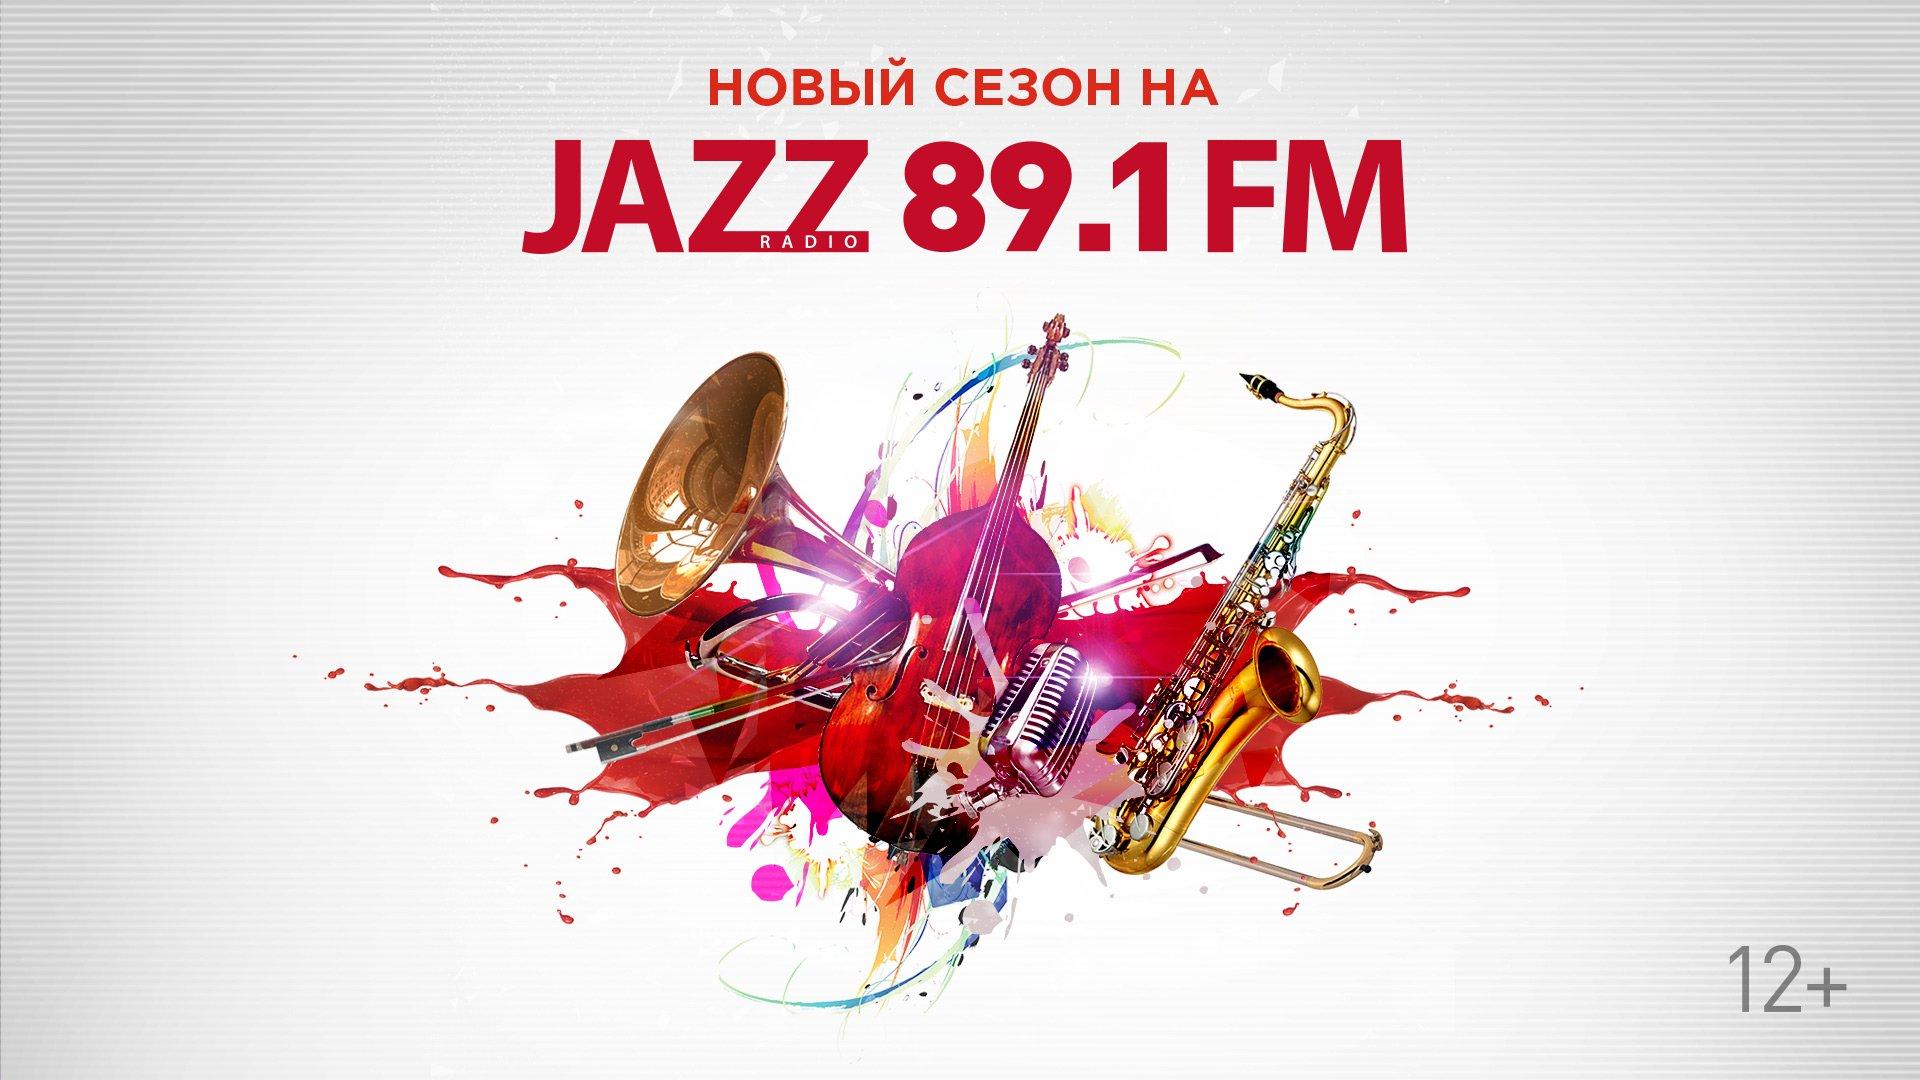 вагонкой радио джаз в картинках многогранный открытый мир